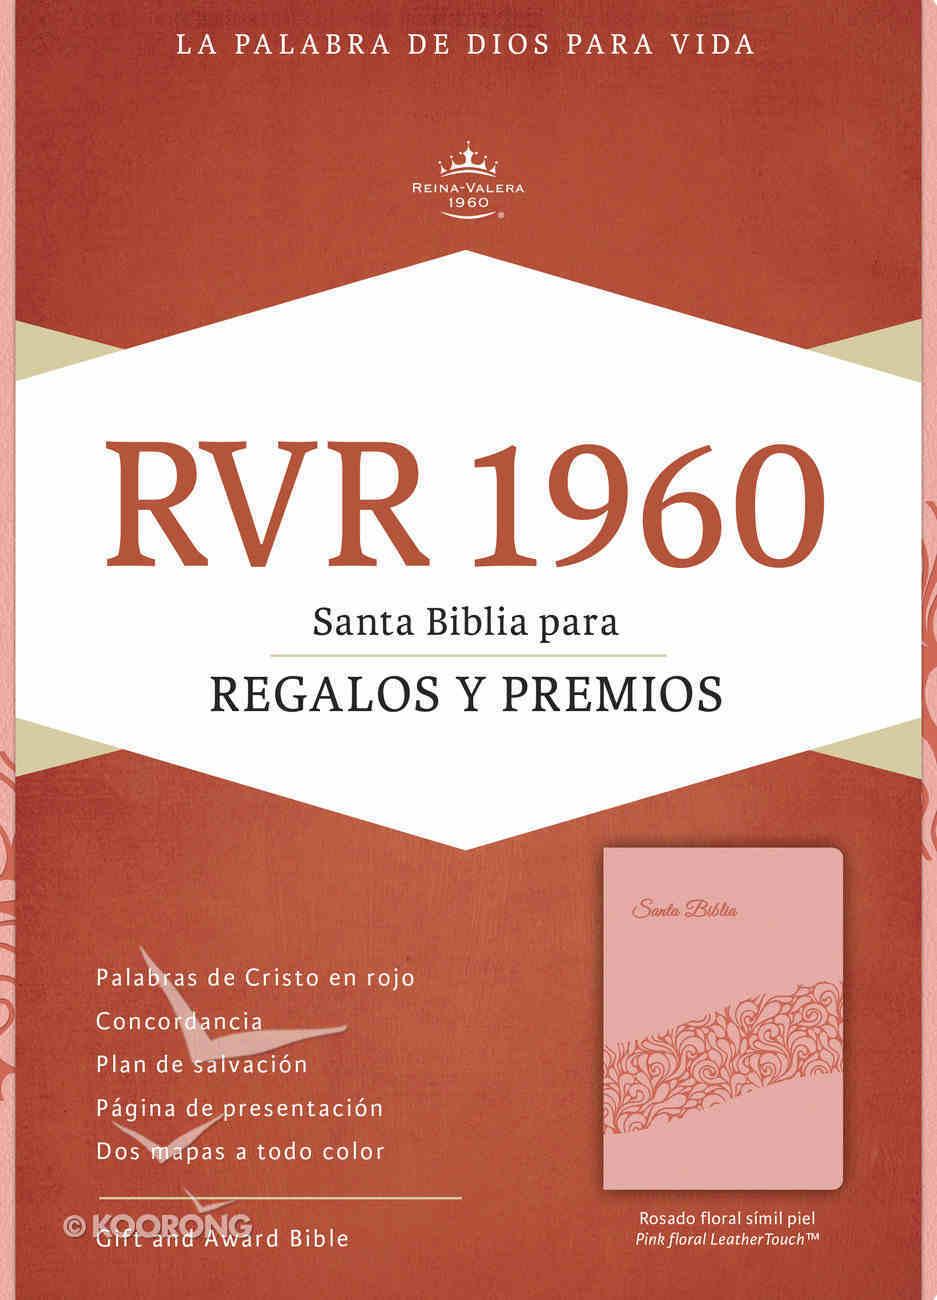 Rvr 1960 Biblia Para Regalos Y Premios, Rosado (Pink) Imitation Leather